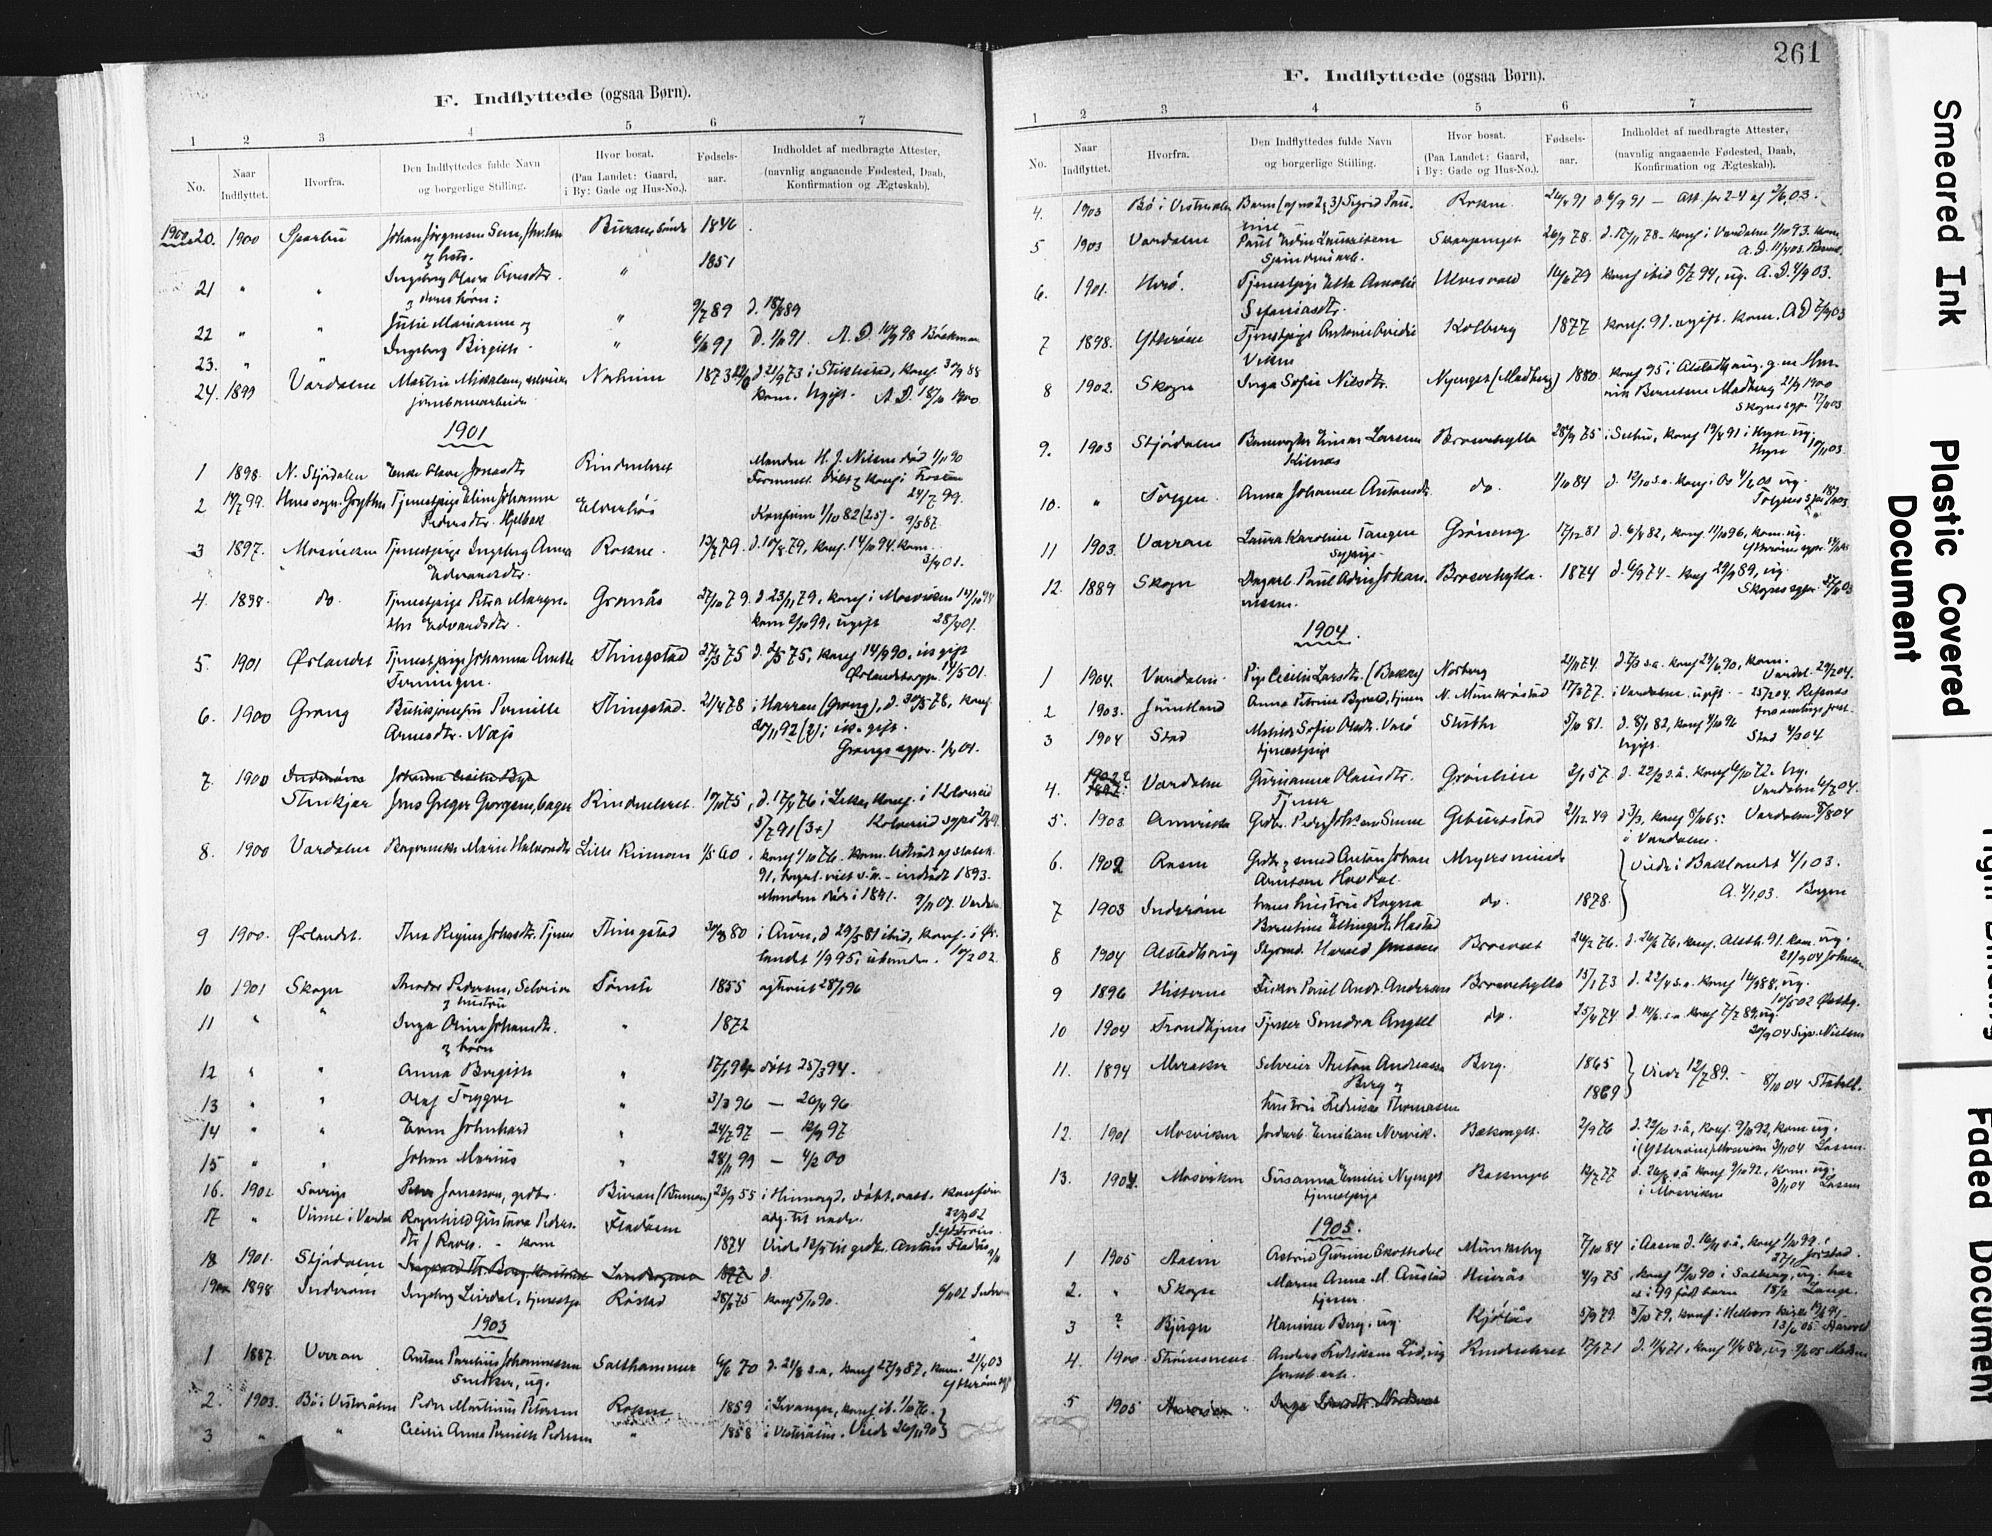 SAT, Ministerialprotokoller, klokkerbøker og fødselsregistre - Nord-Trøndelag, 721/L0207: Ministerialbok nr. 721A02, 1880-1911, s. 261